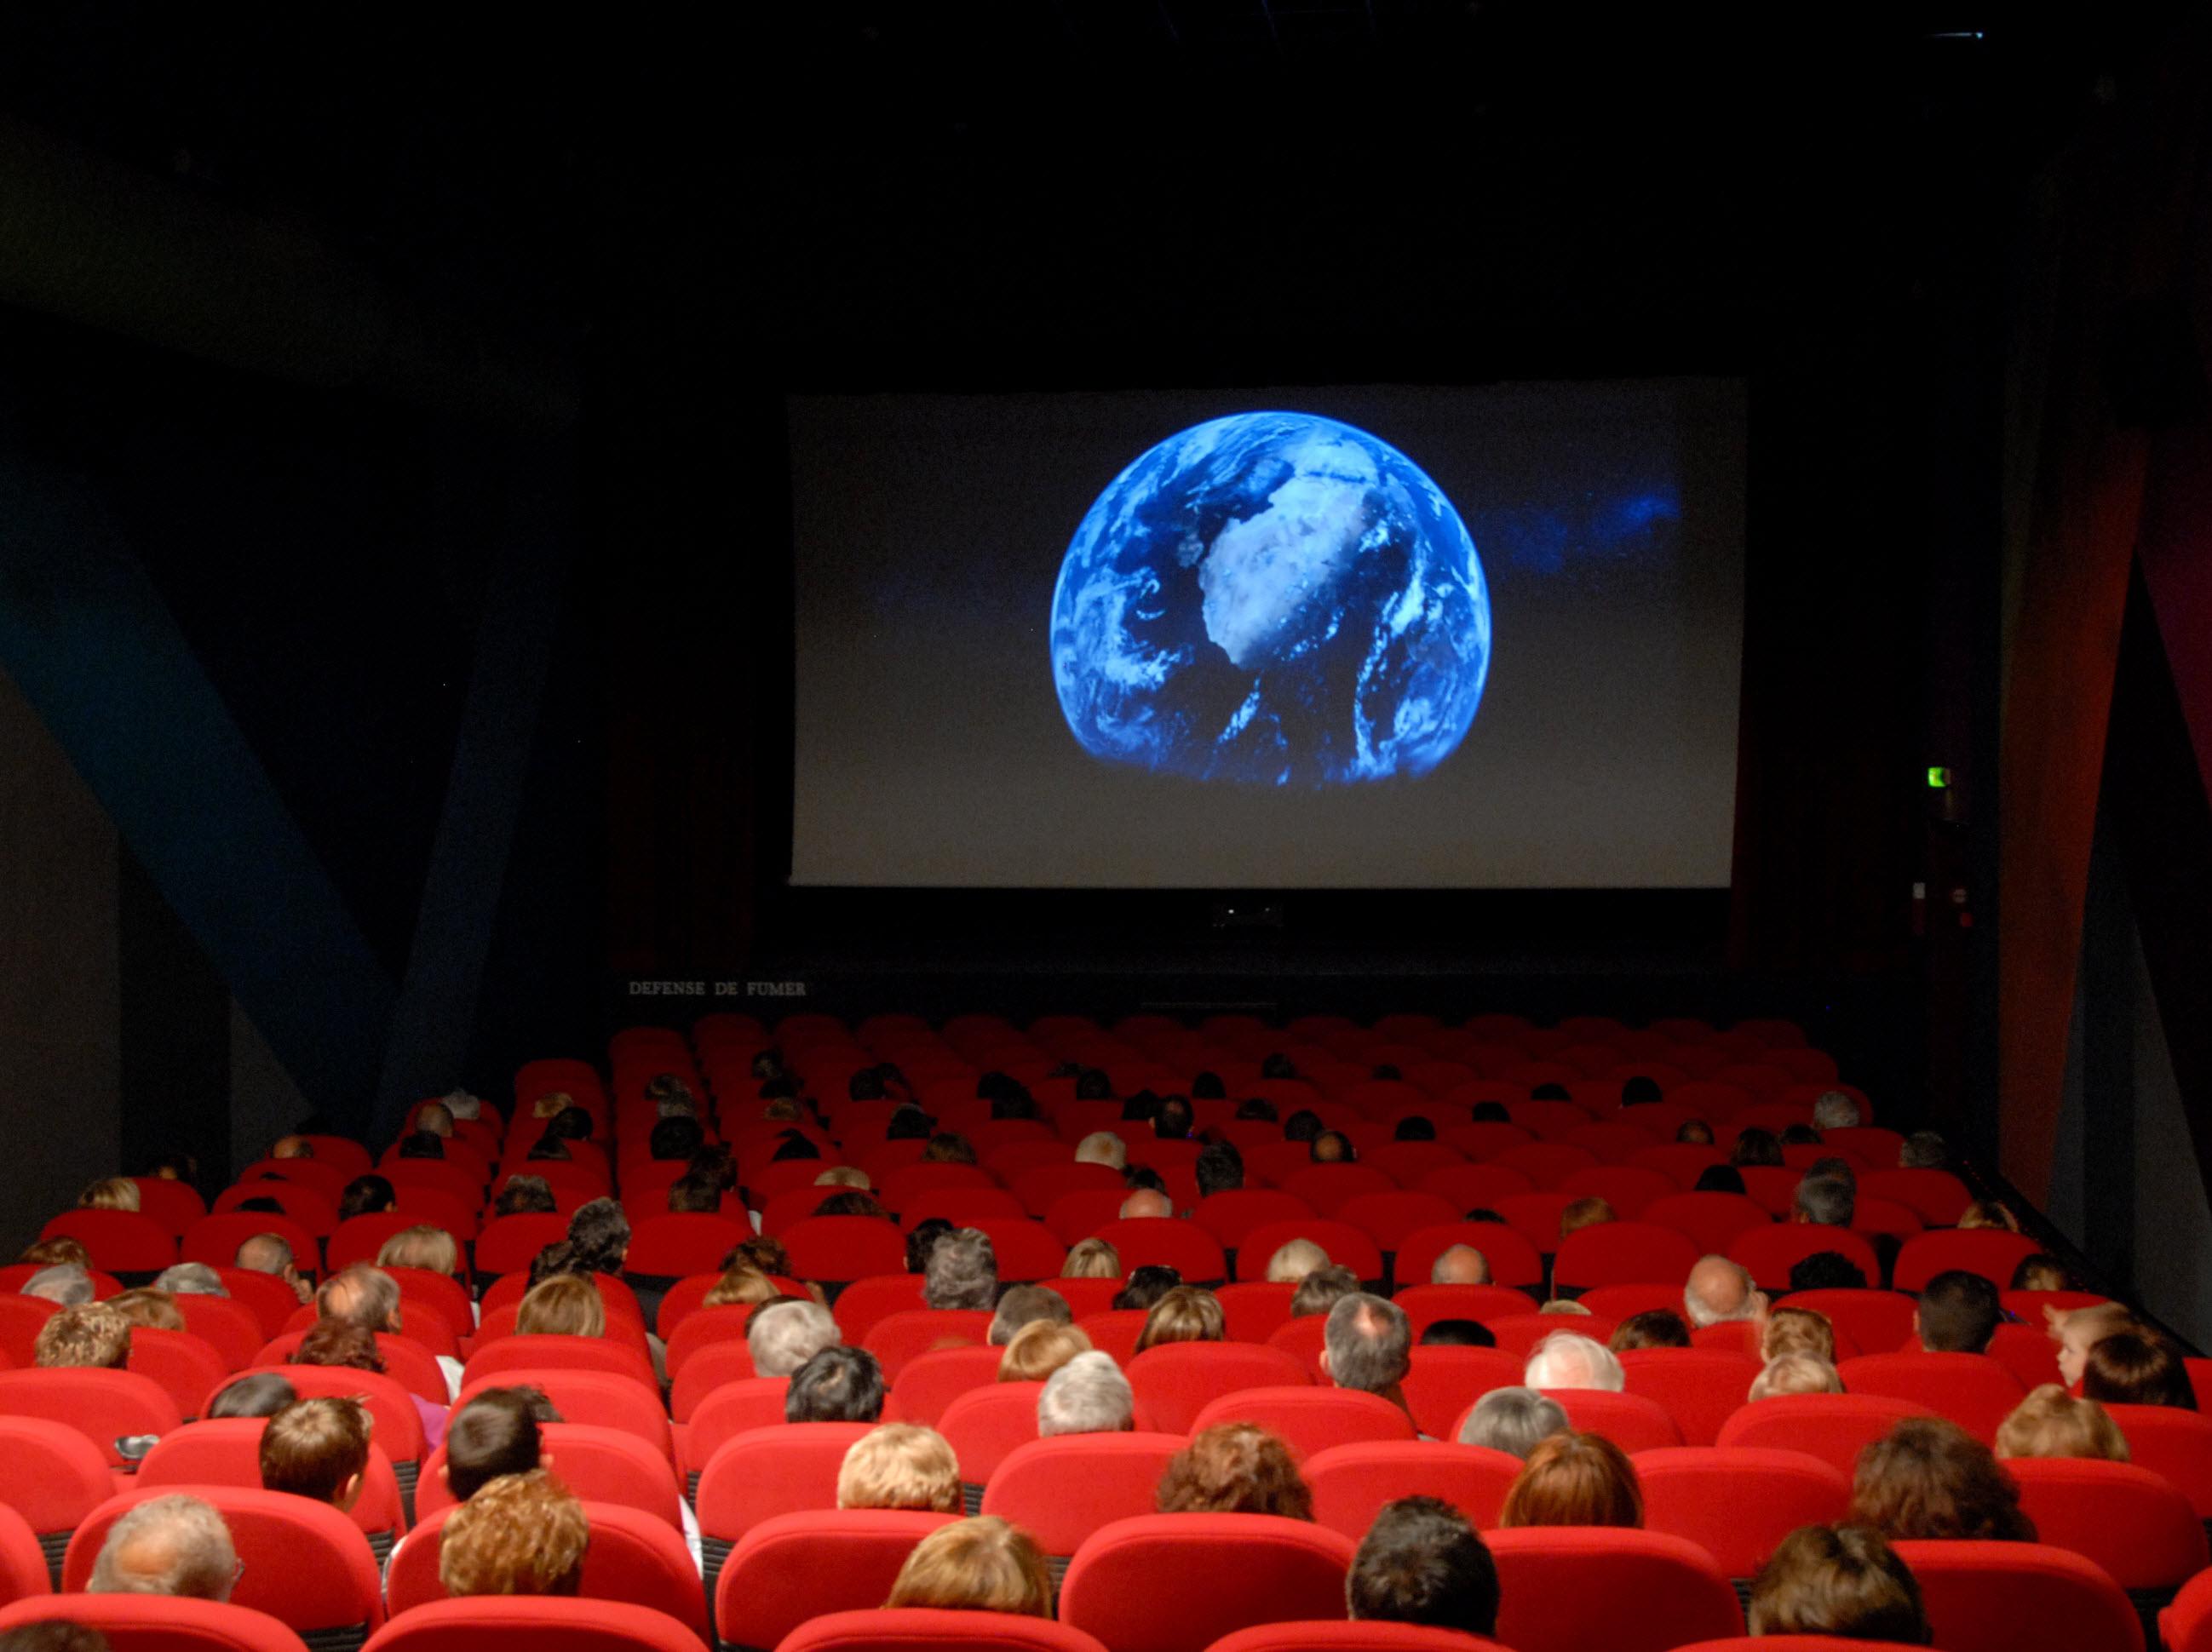 Система контролю відвідувачів у кінотеатрах